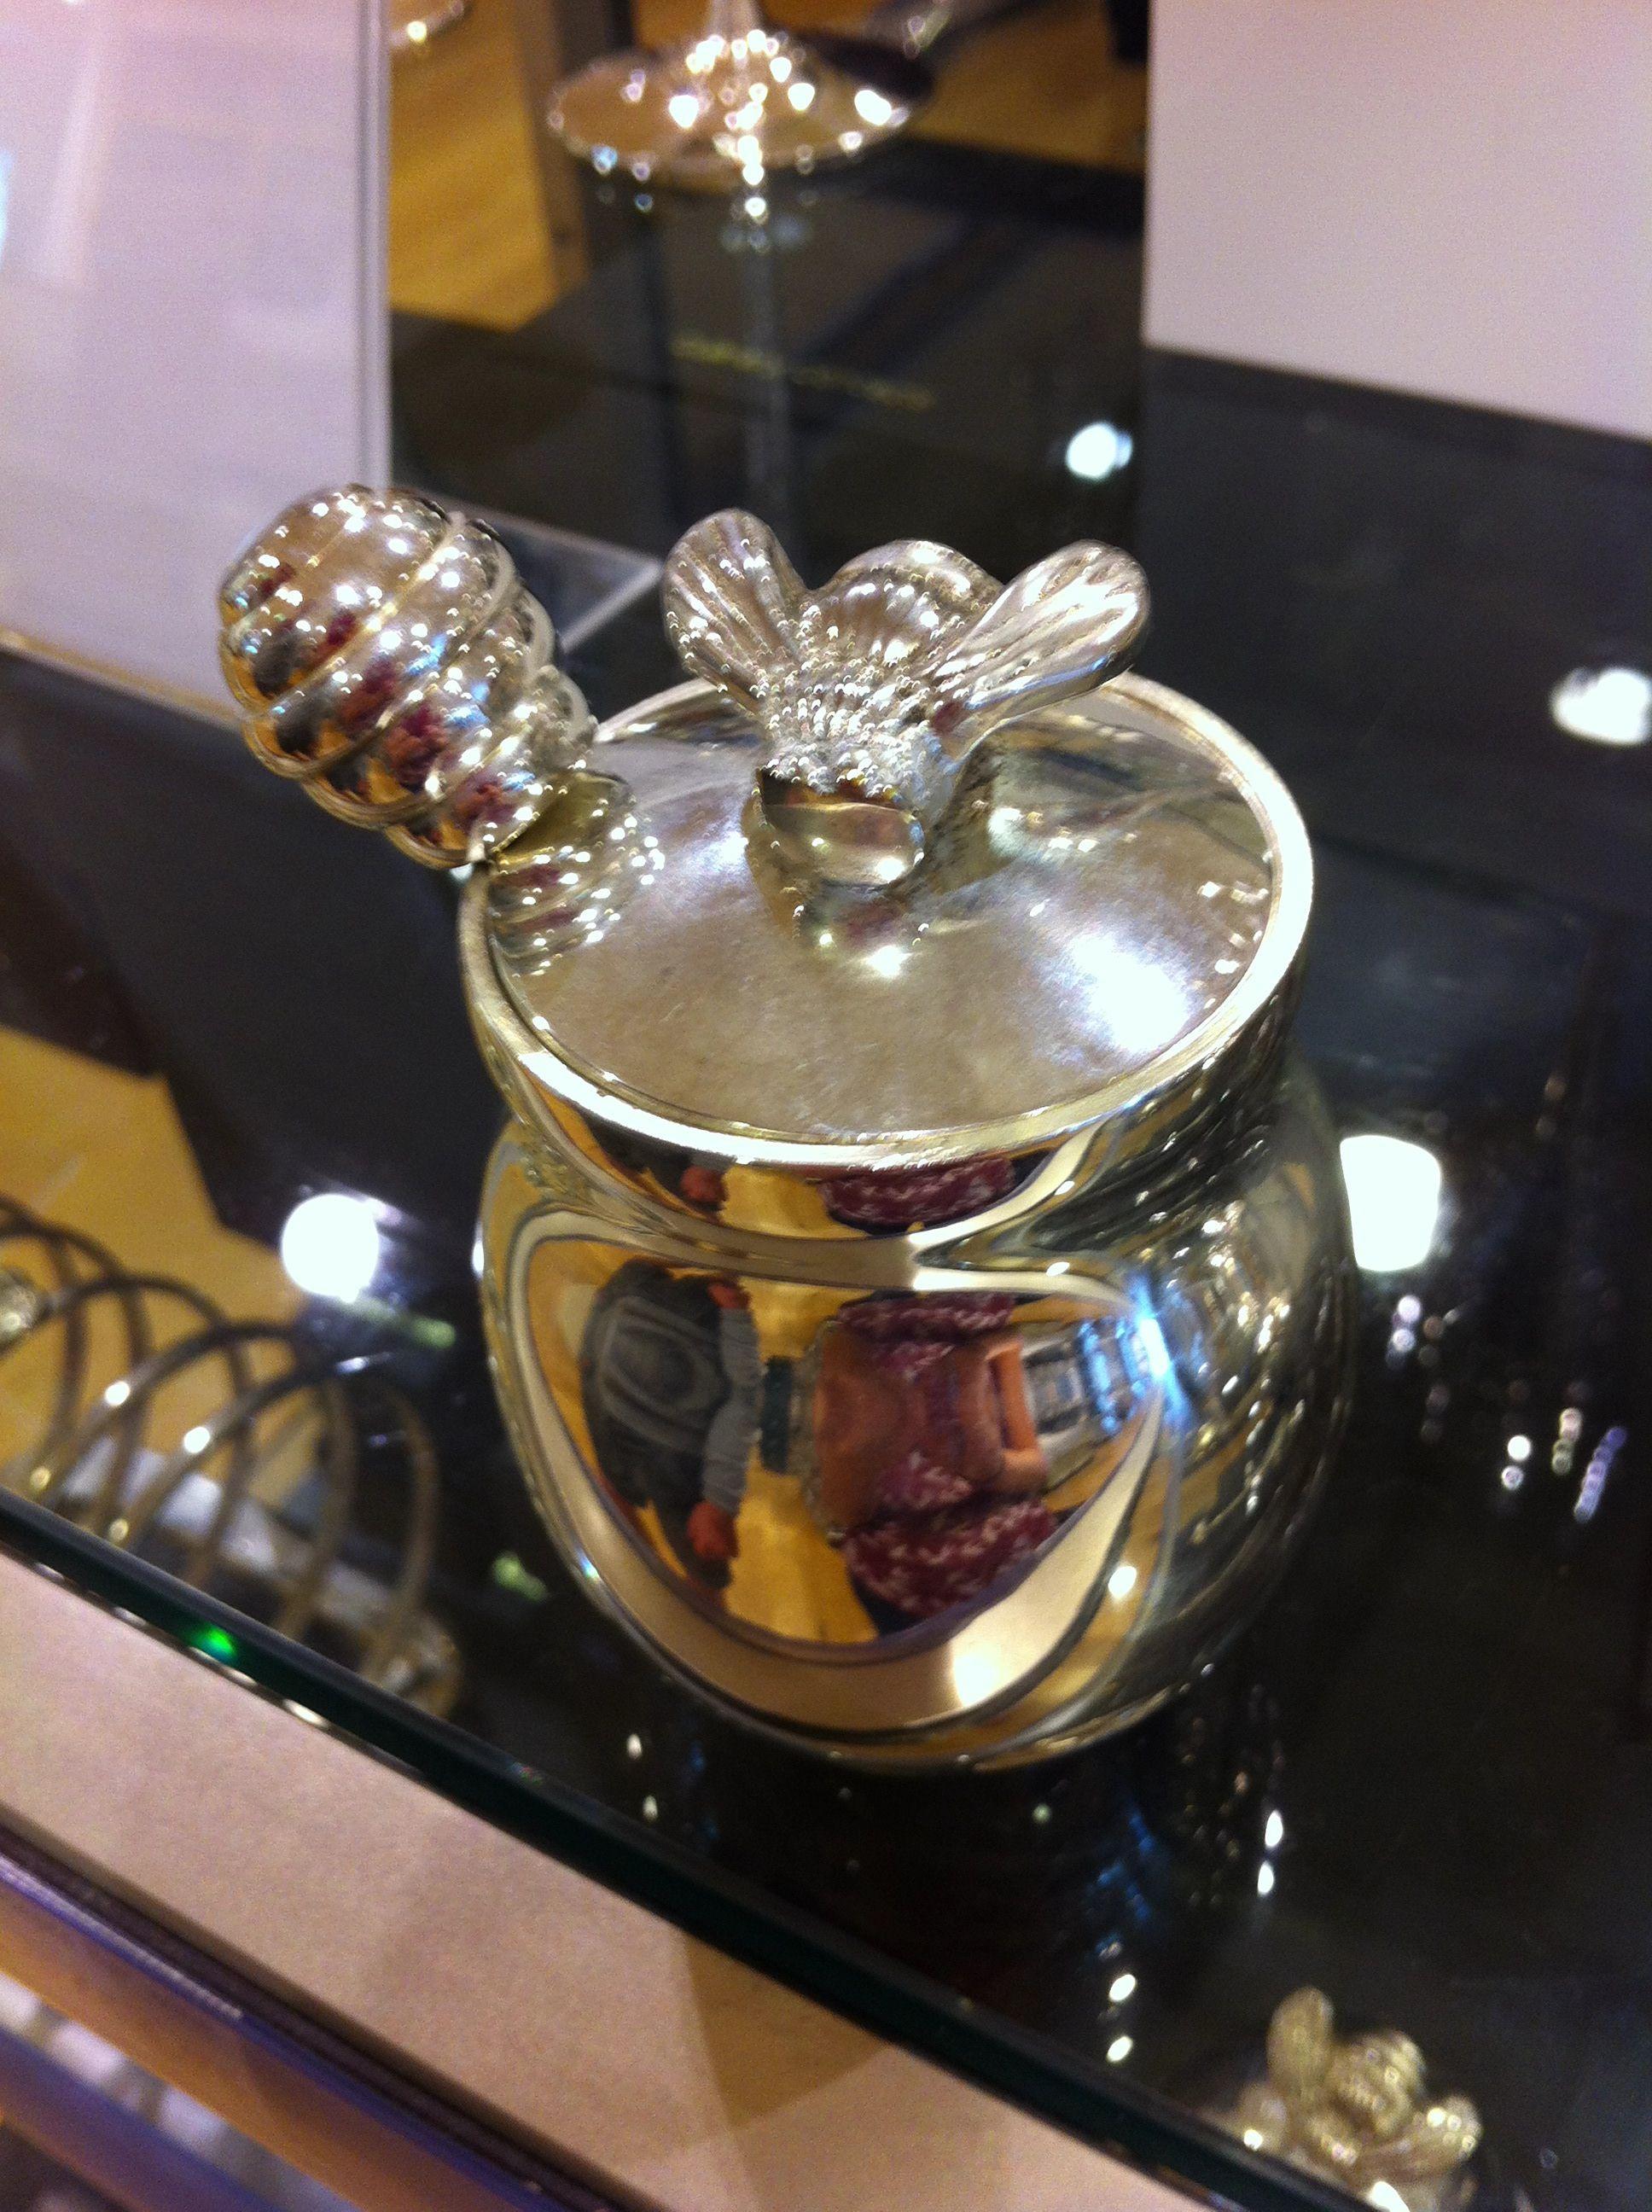 Cute honey jar